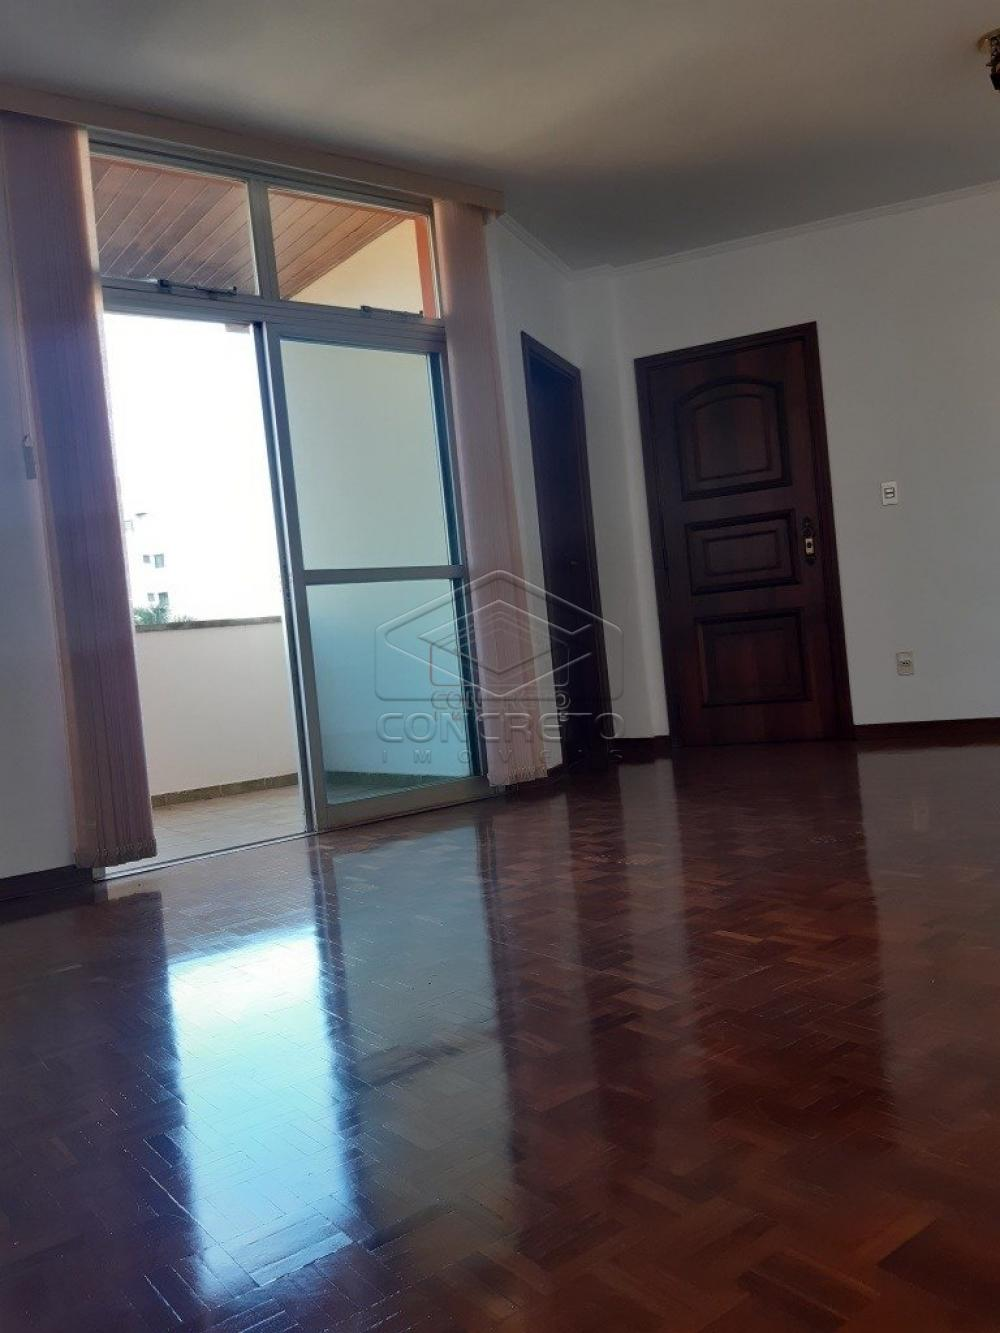 Alugar Apartamento / Padrão em Bauru R$ 1.500,00 - Foto 7